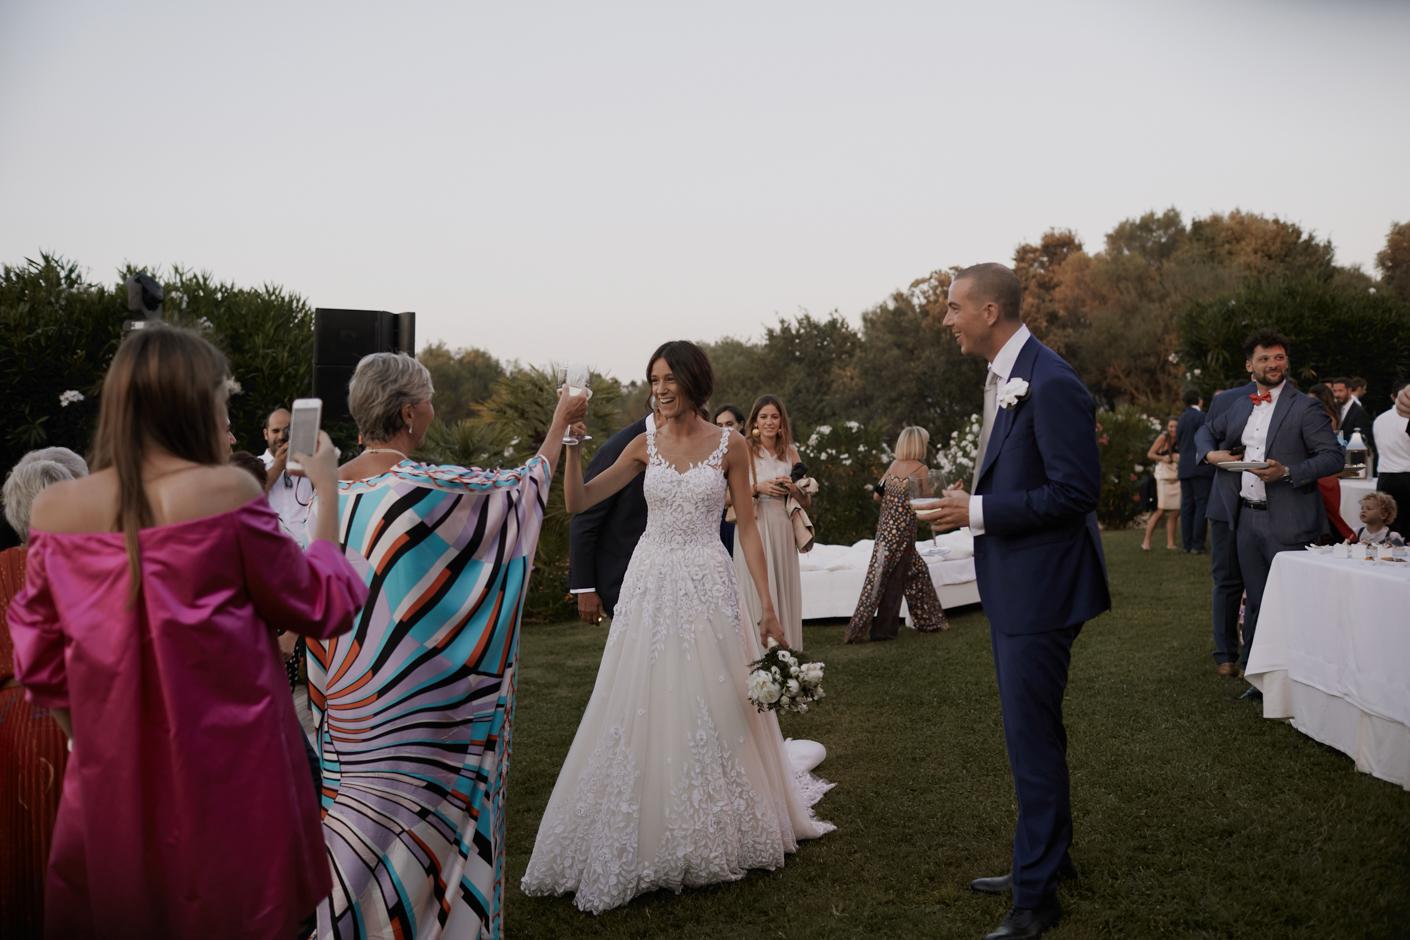 gli sposi brindano con gli invitati